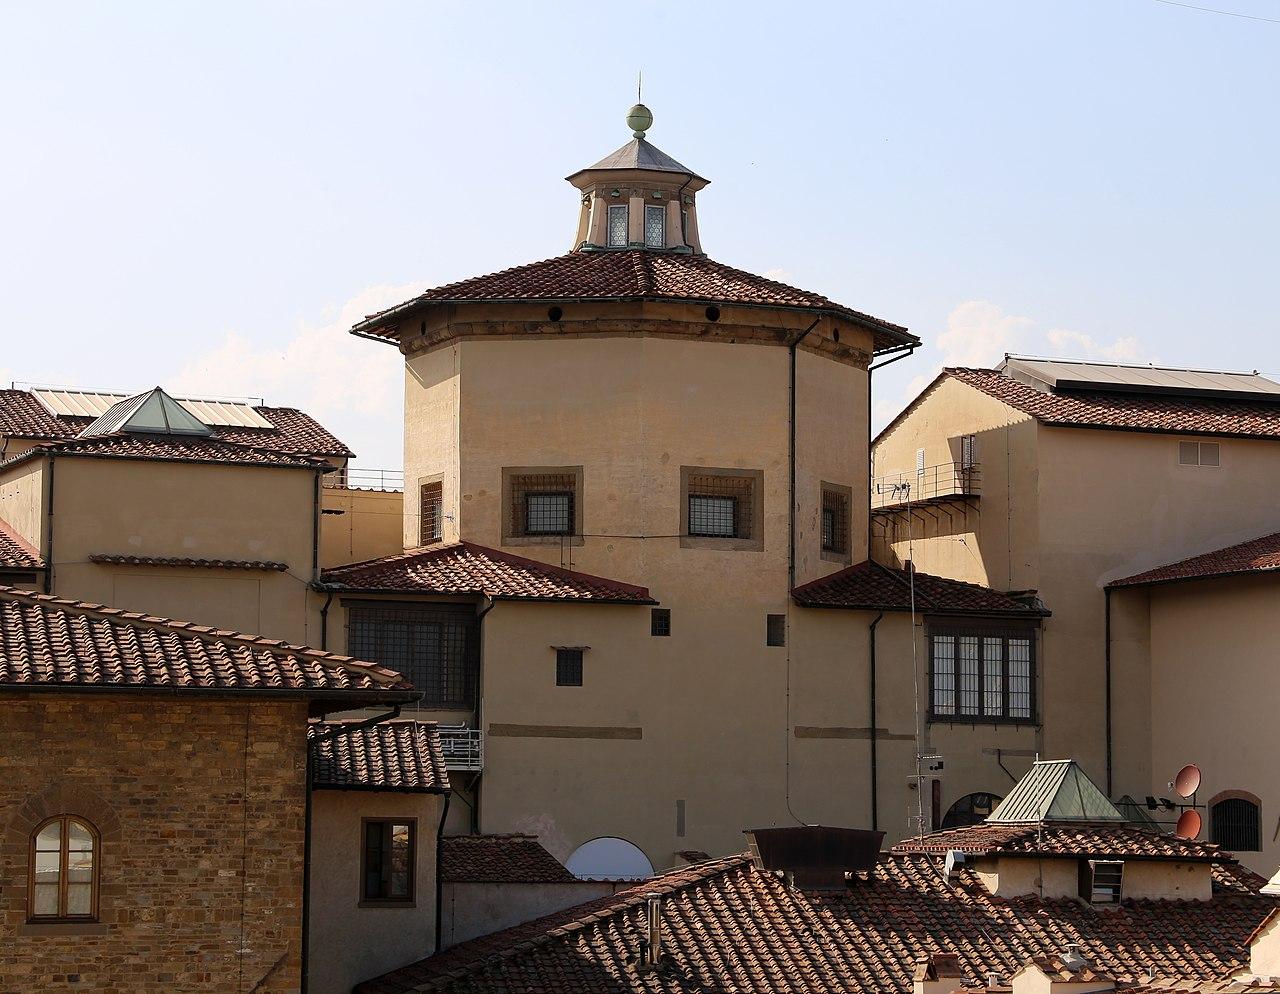 FilePalazzo della camera di commercio a Firenze terrazza